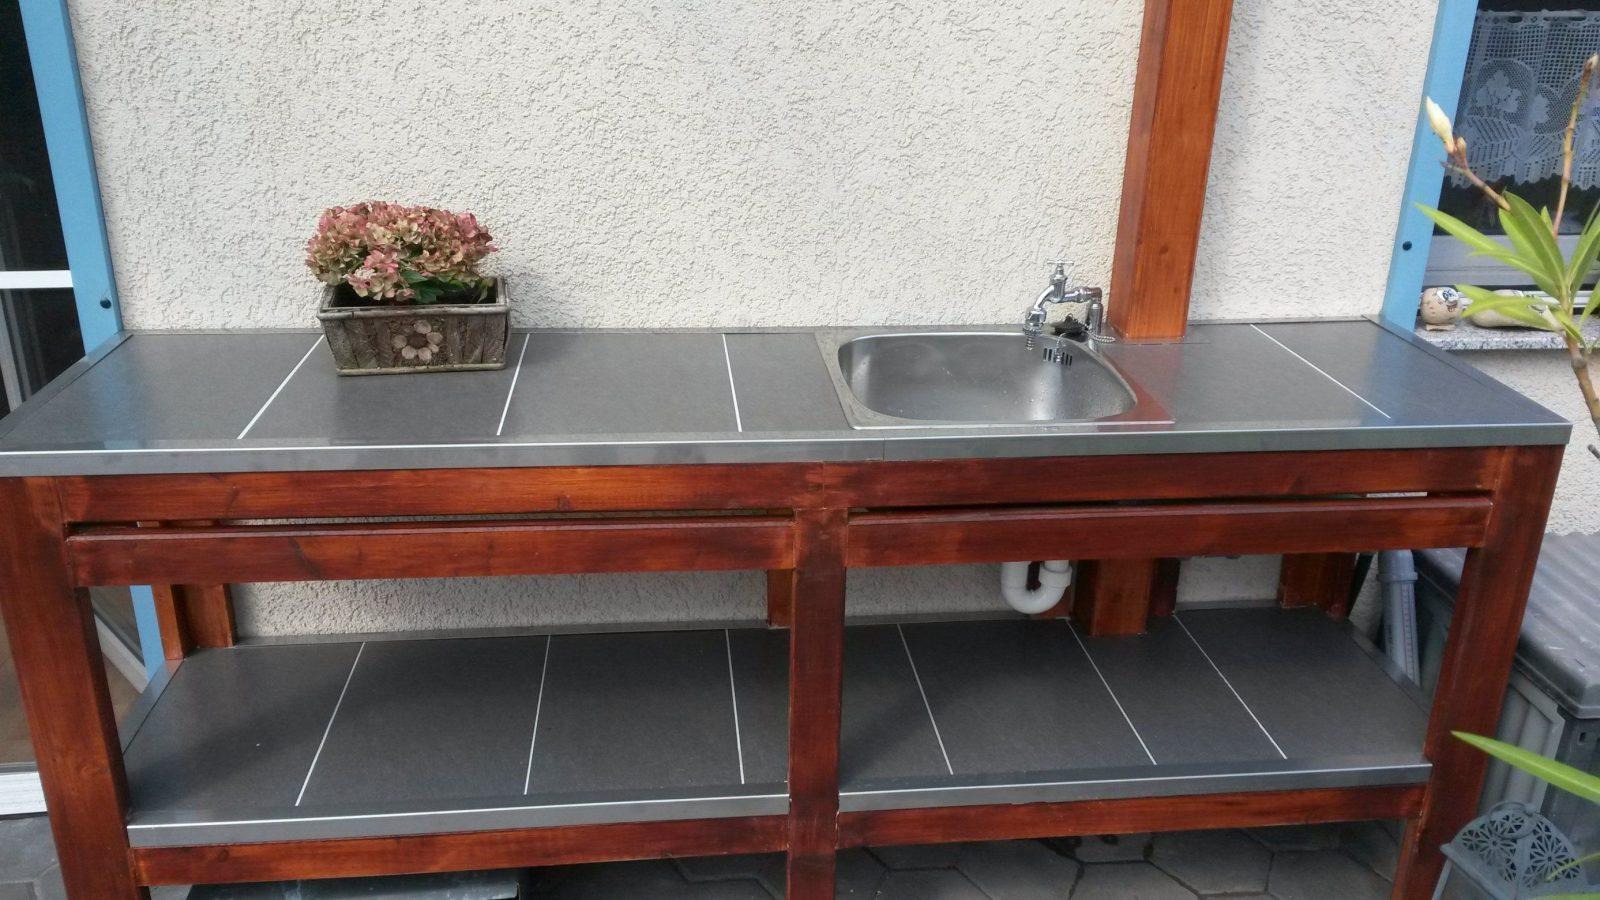 Außenküche Aus Holz Selber Bauen : Außenküche selber bauen zapfanlage selber bauen bilder ideen